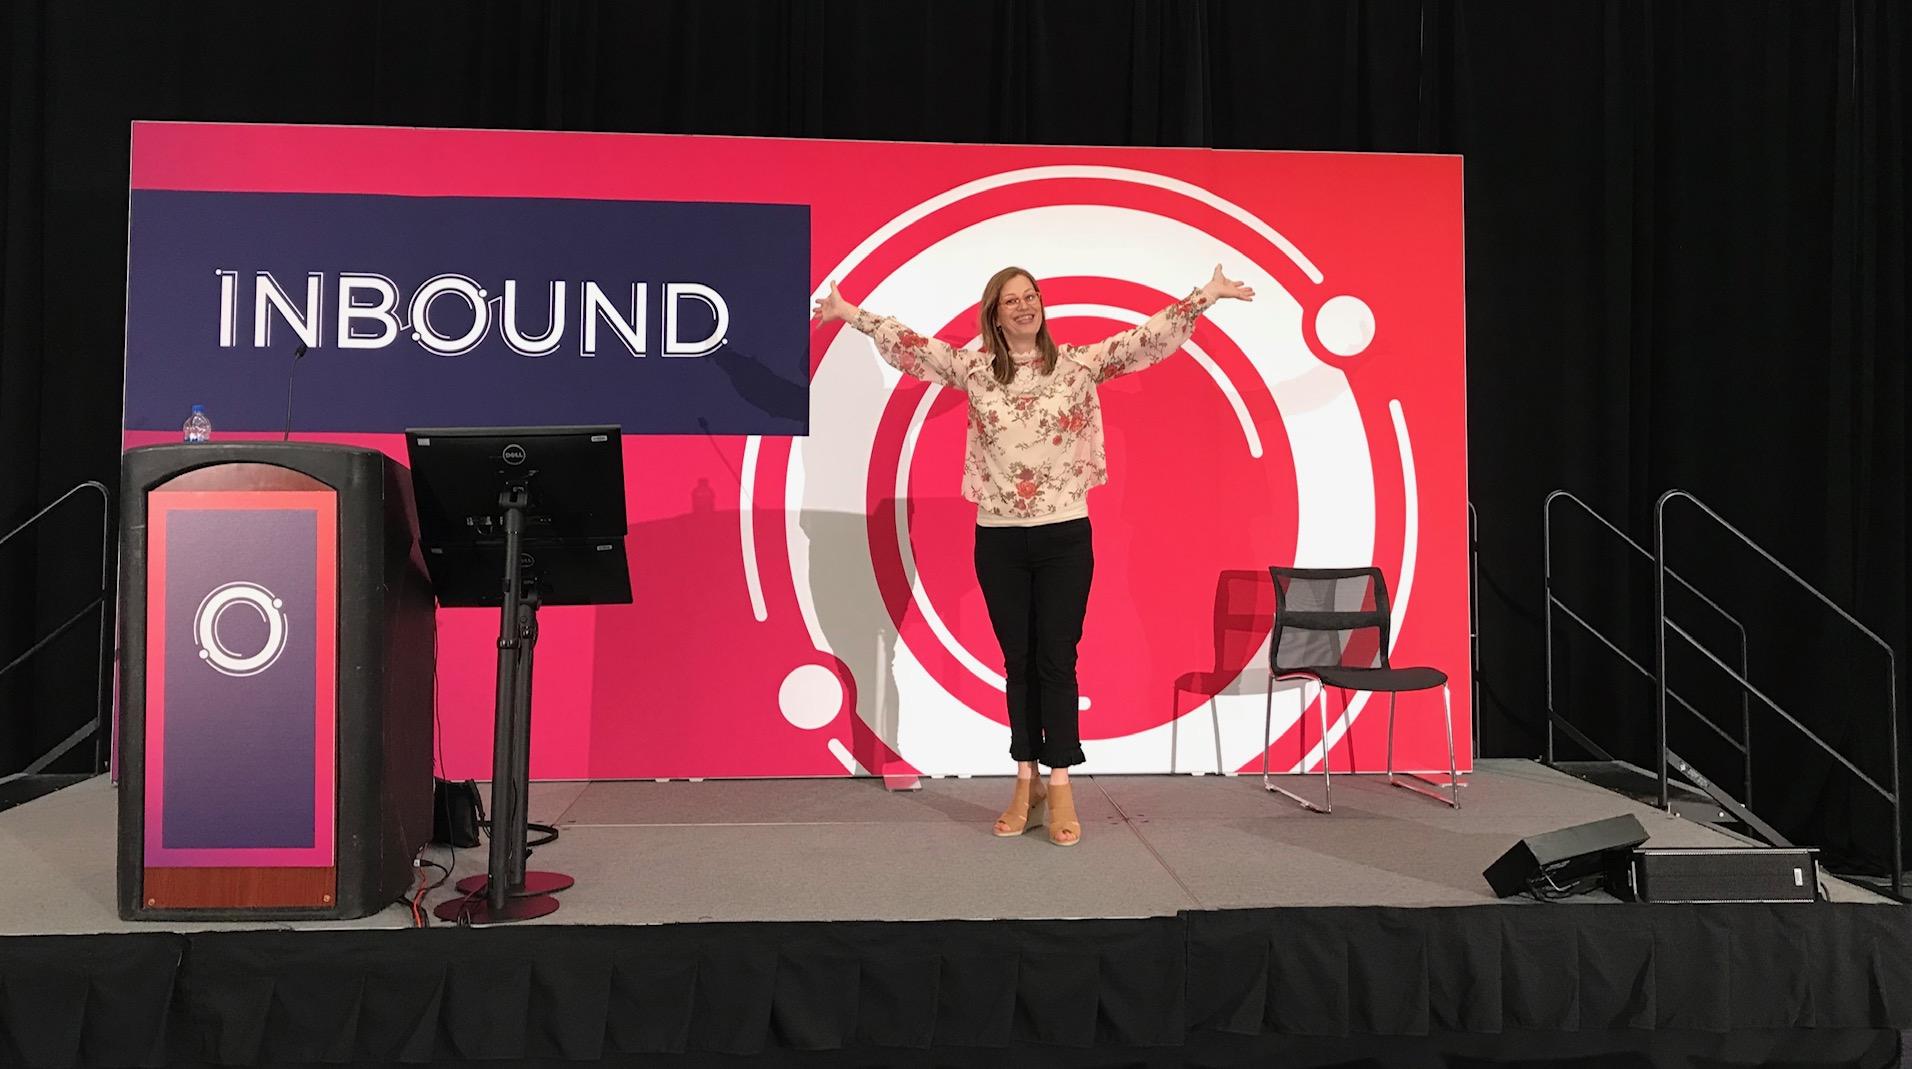 INbound on stage